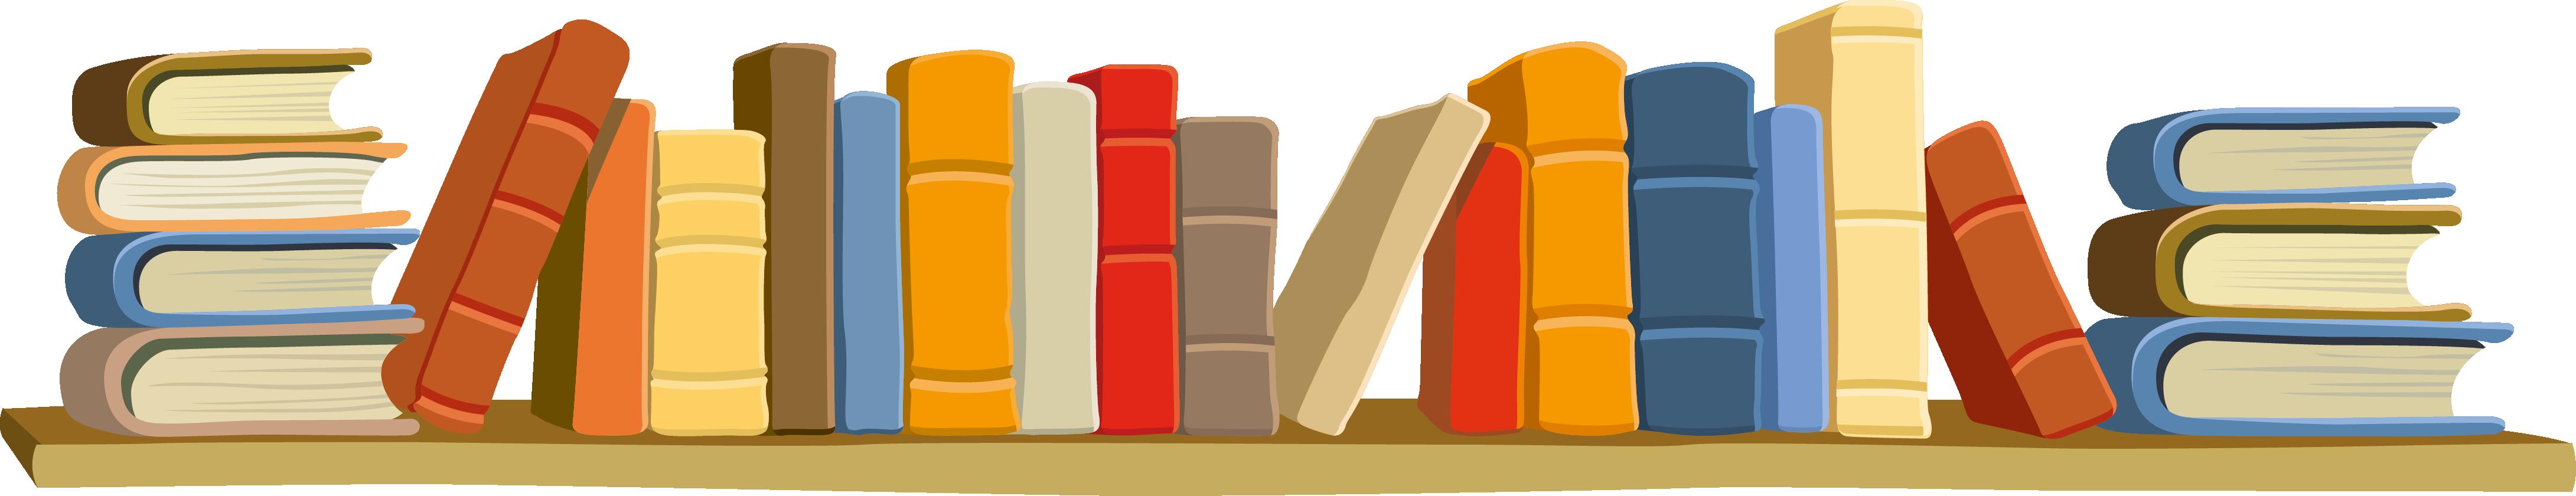 Knigi-o.com - Белорусский книжный интернет-магазин